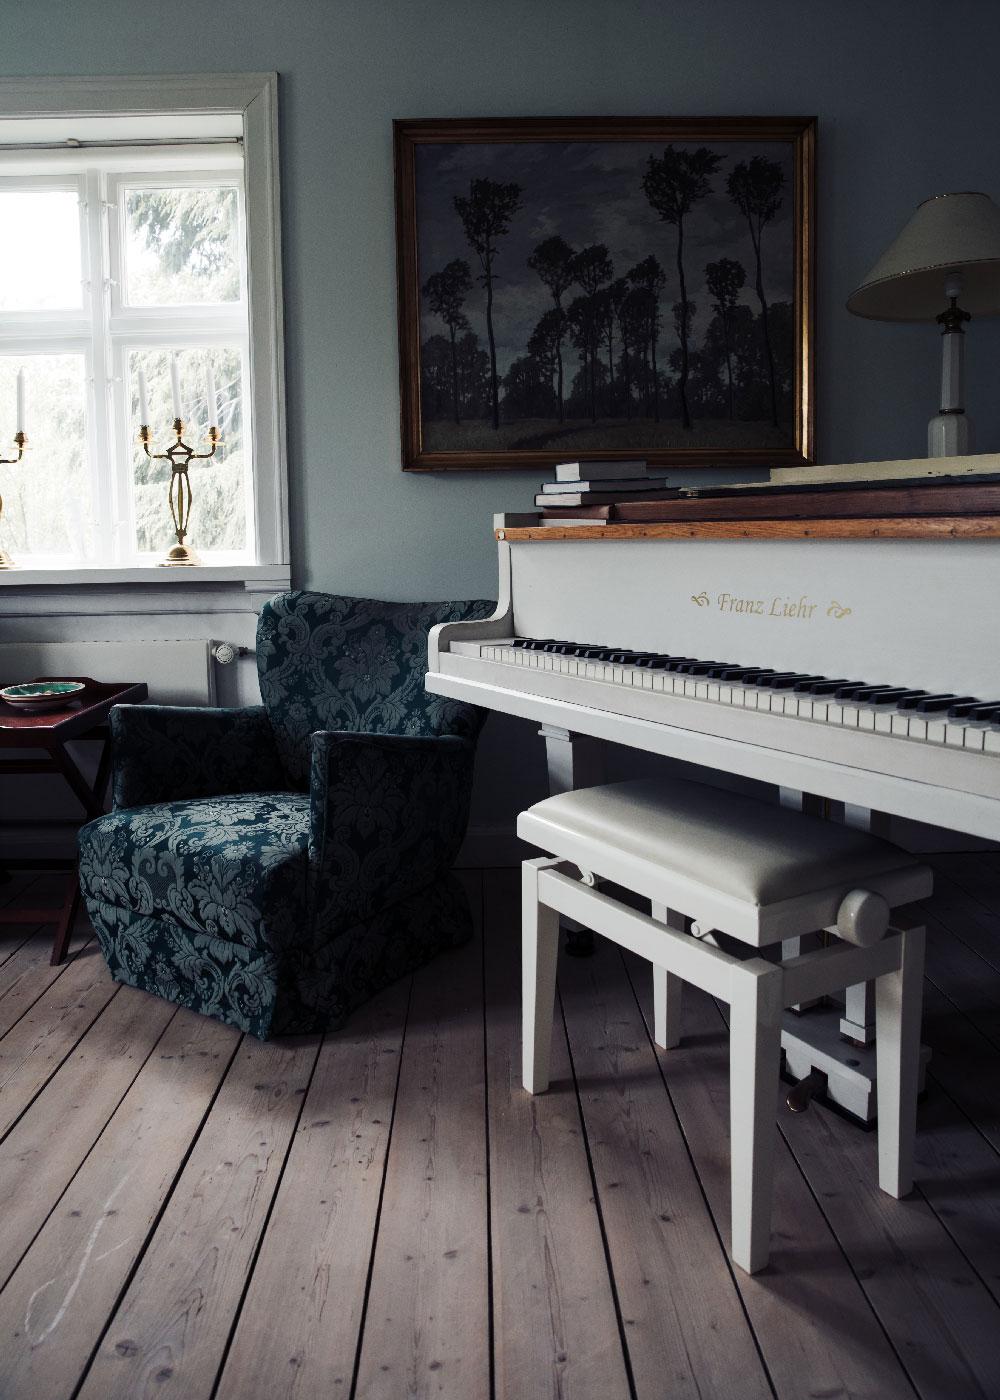 Vandretur på Sjælland: Overnatning på Garbolund Vingård